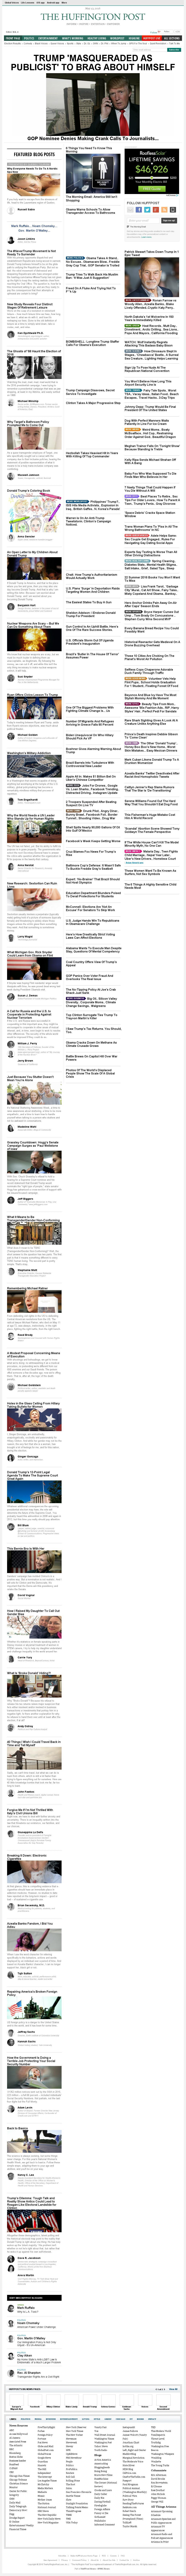 The Huffington Post at Friday May 13, 2016, 3:09 p.m. UTC